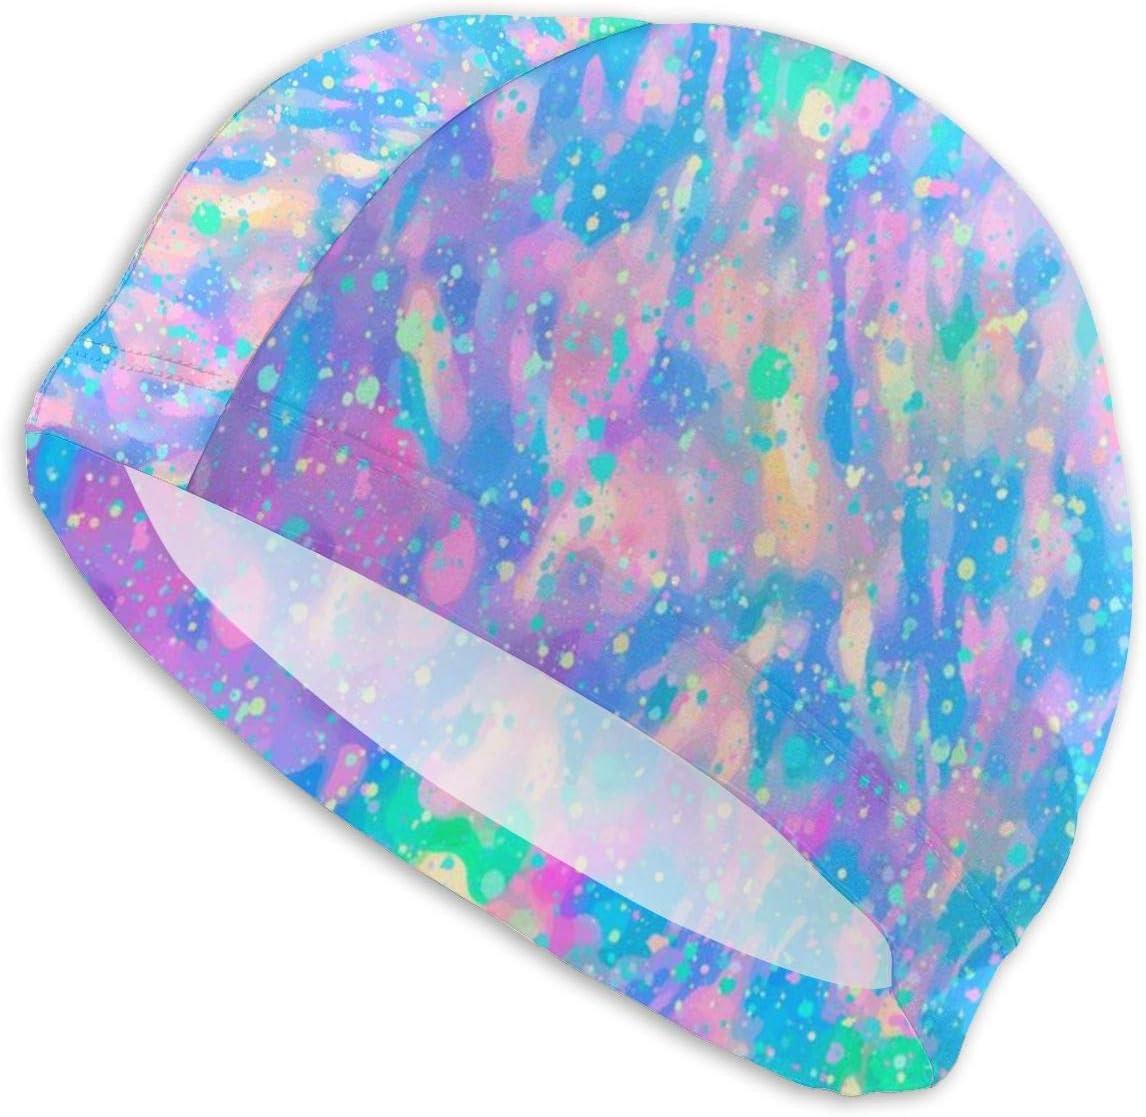 Harley Dulles Gorro de baño Sombrero Opal Fondo de Piedras Preciosas Gorro de baño Moderno/Gorro de Ducha Diseñado para Cabello Largo